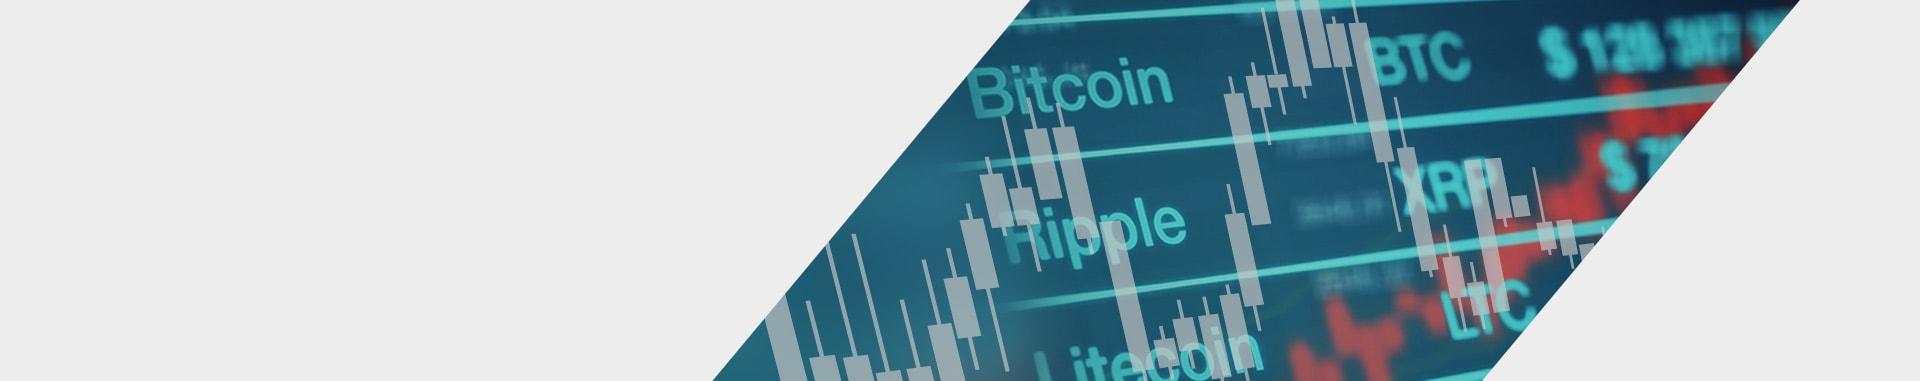 Kryptowaluty - analiza techniczna aktualnej sytuacji